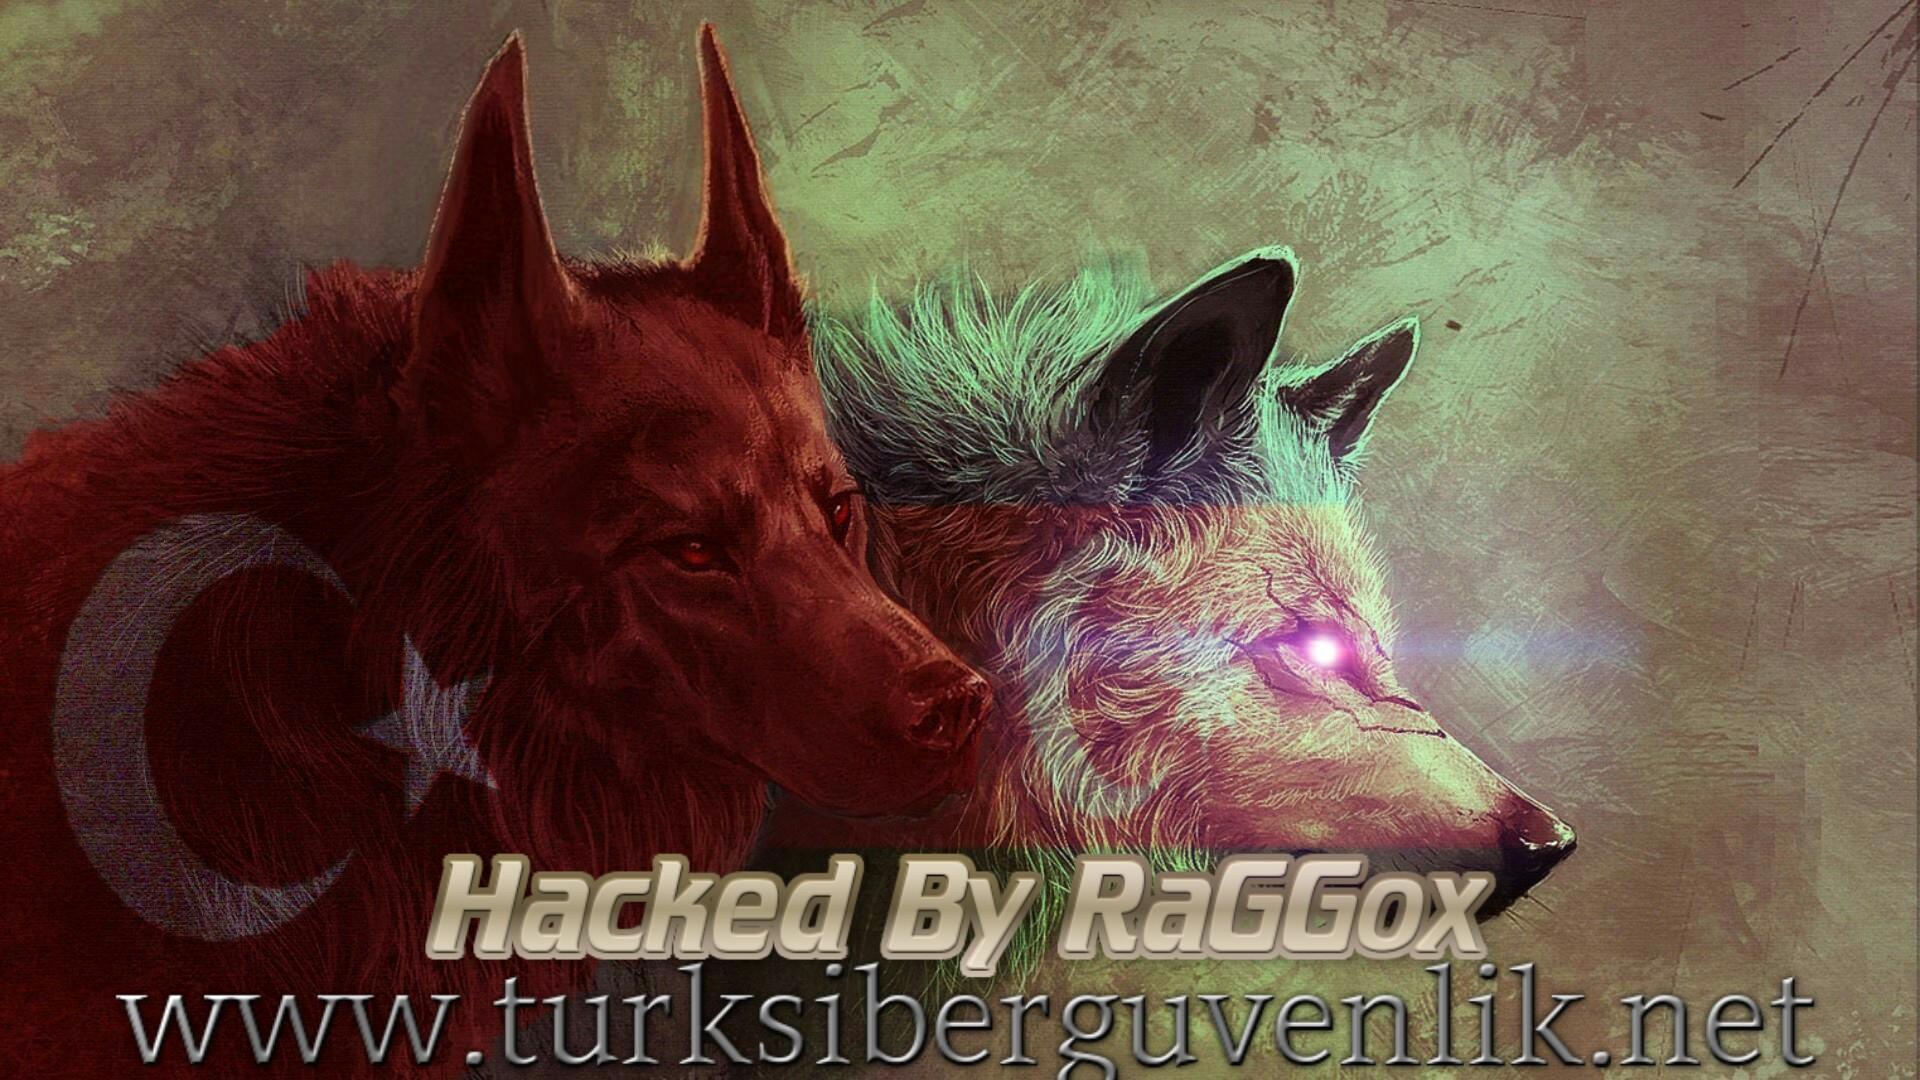 raggox.jpg - 444.27 KB